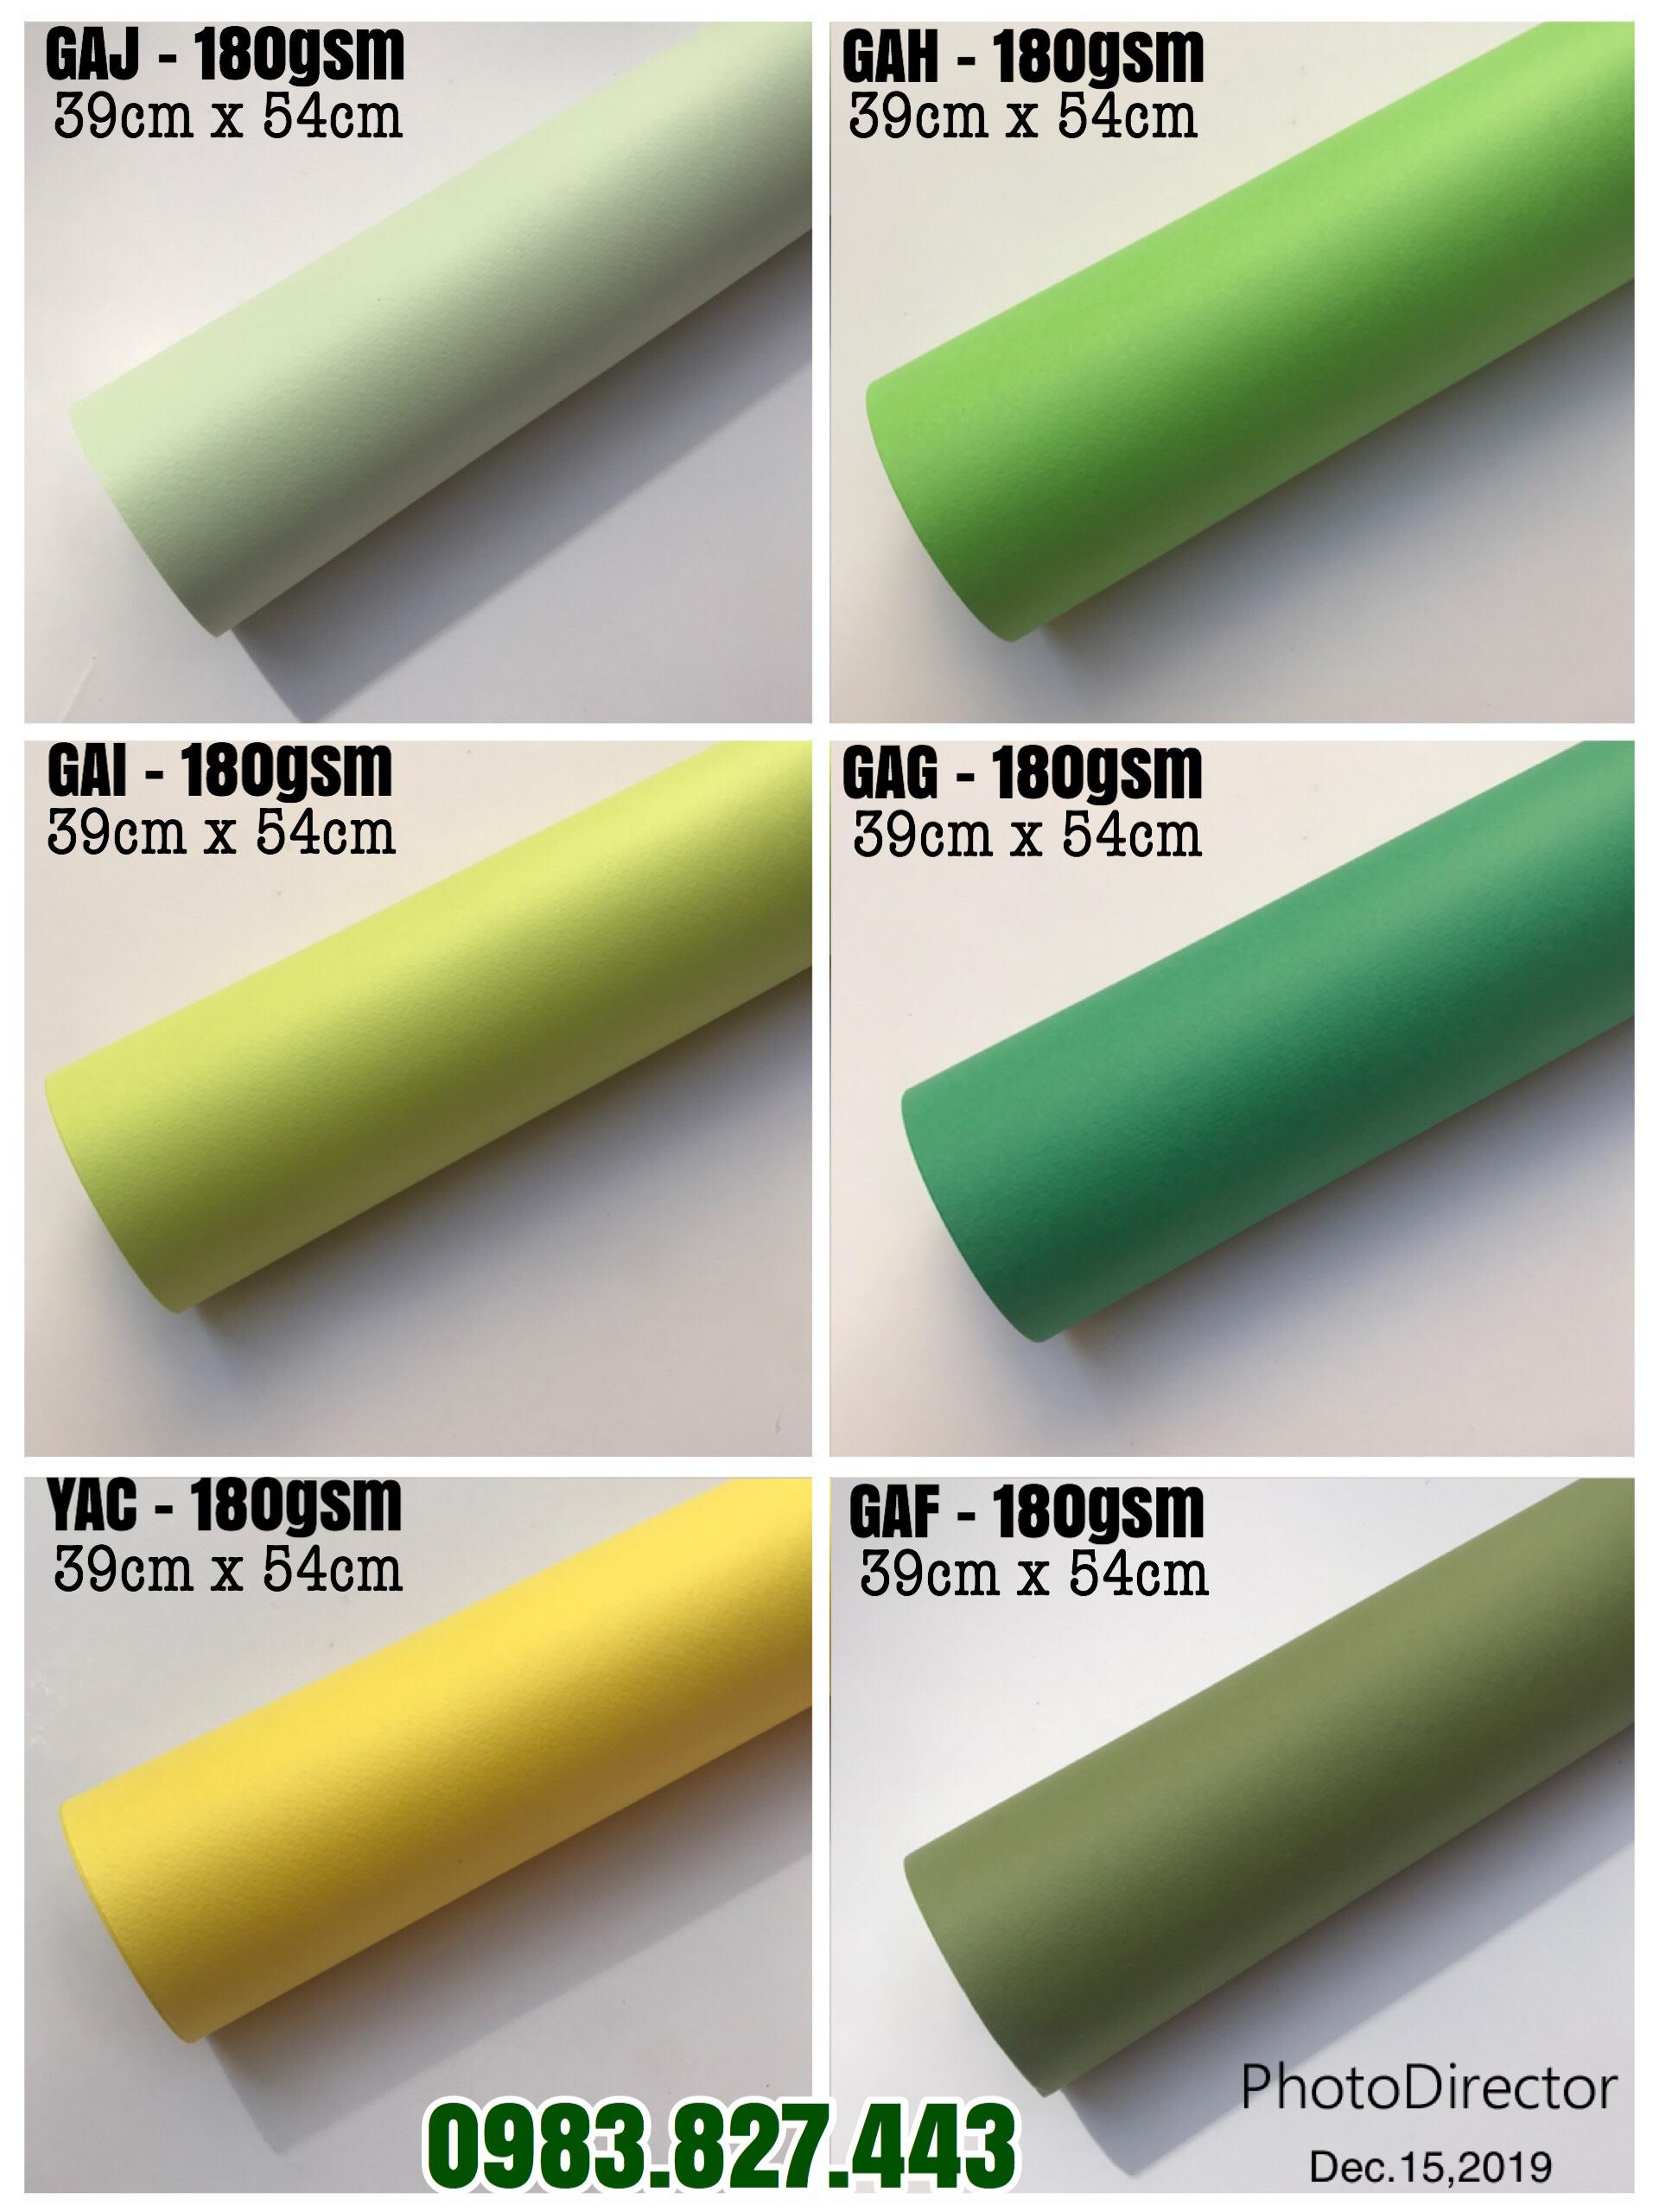 Giấy mỹ thuật tông màu xanh lá (định lượng 165gsm - 180gsm) - Set 06 tờ_GHM105